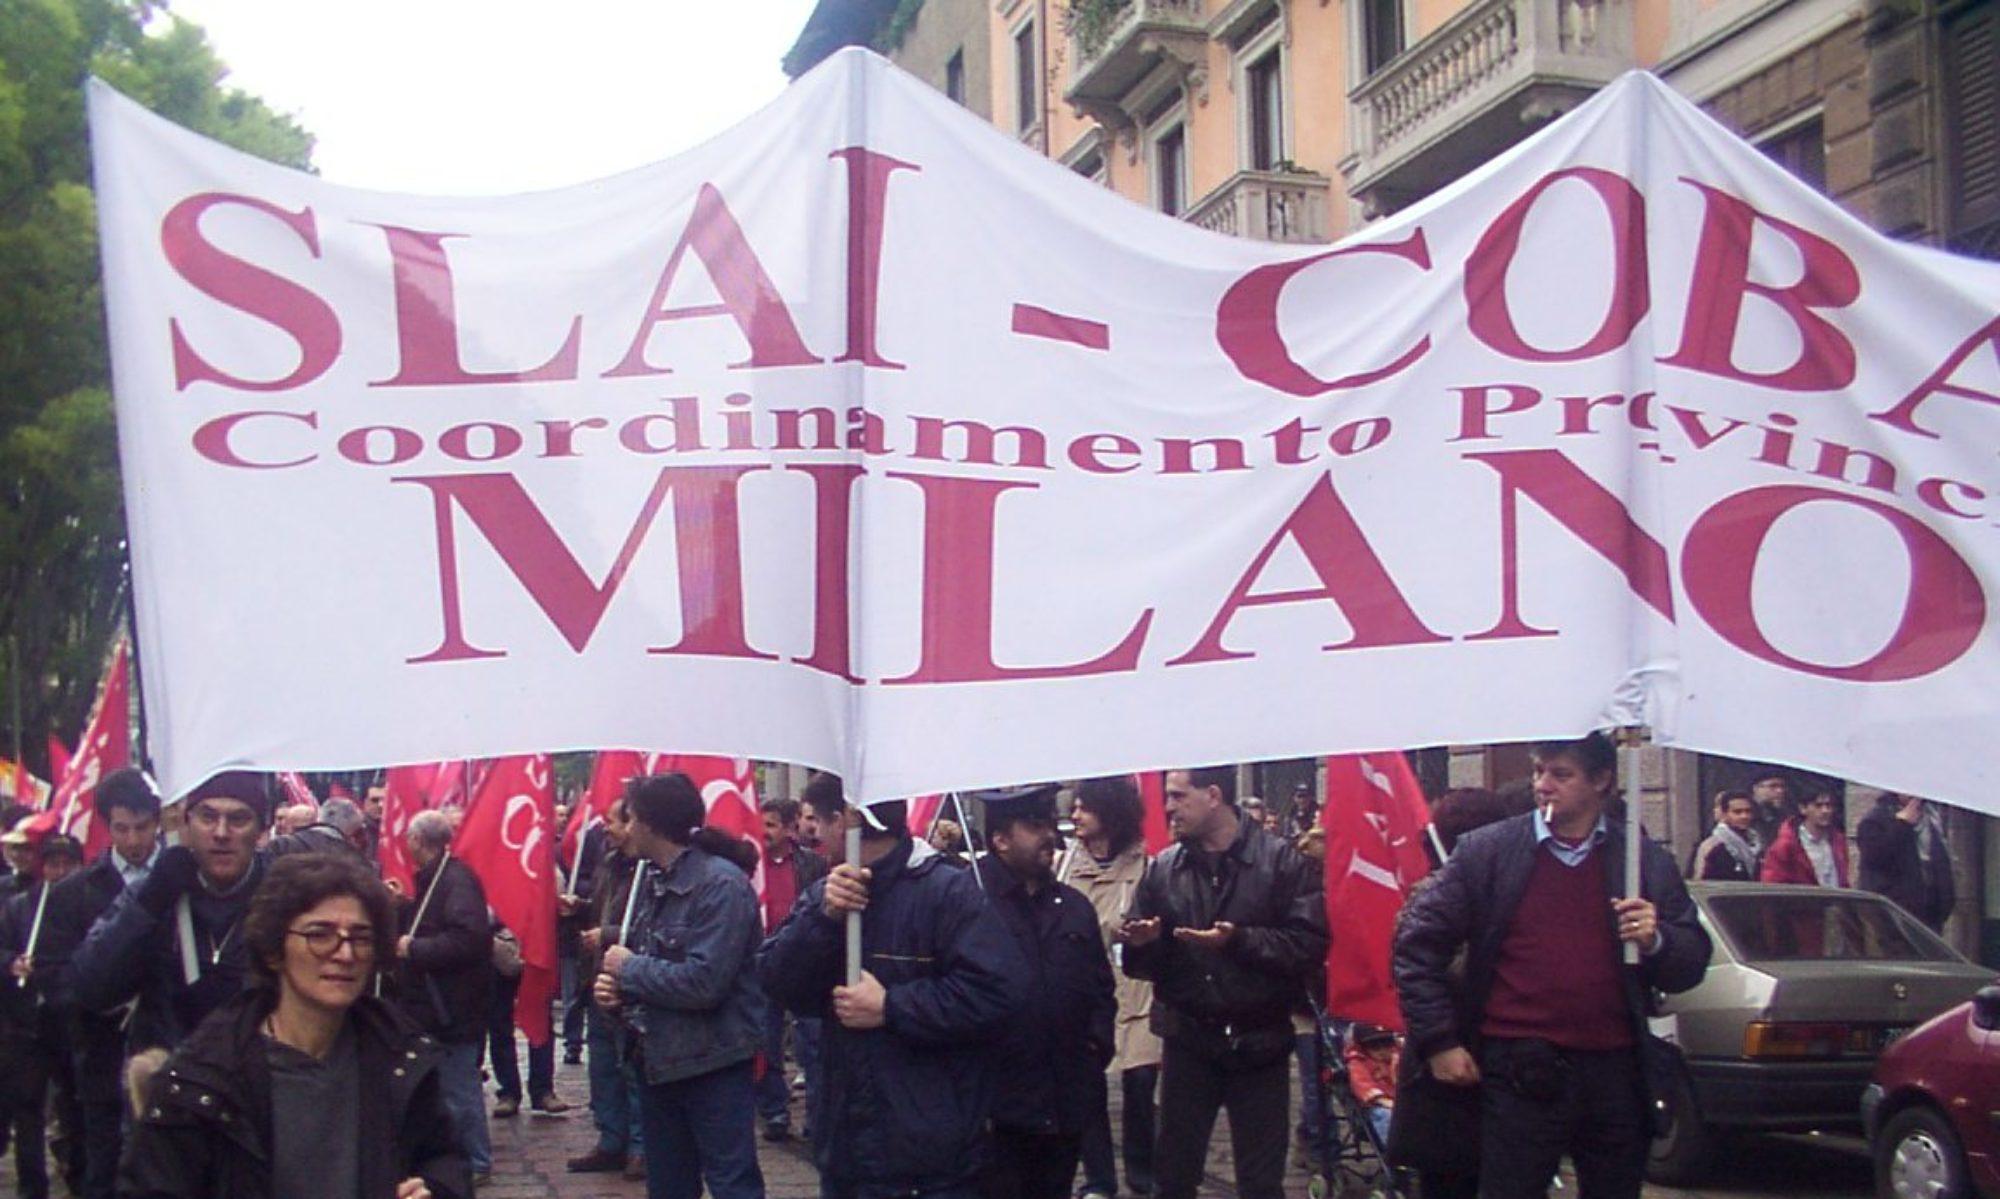 Slai Cobas Milano